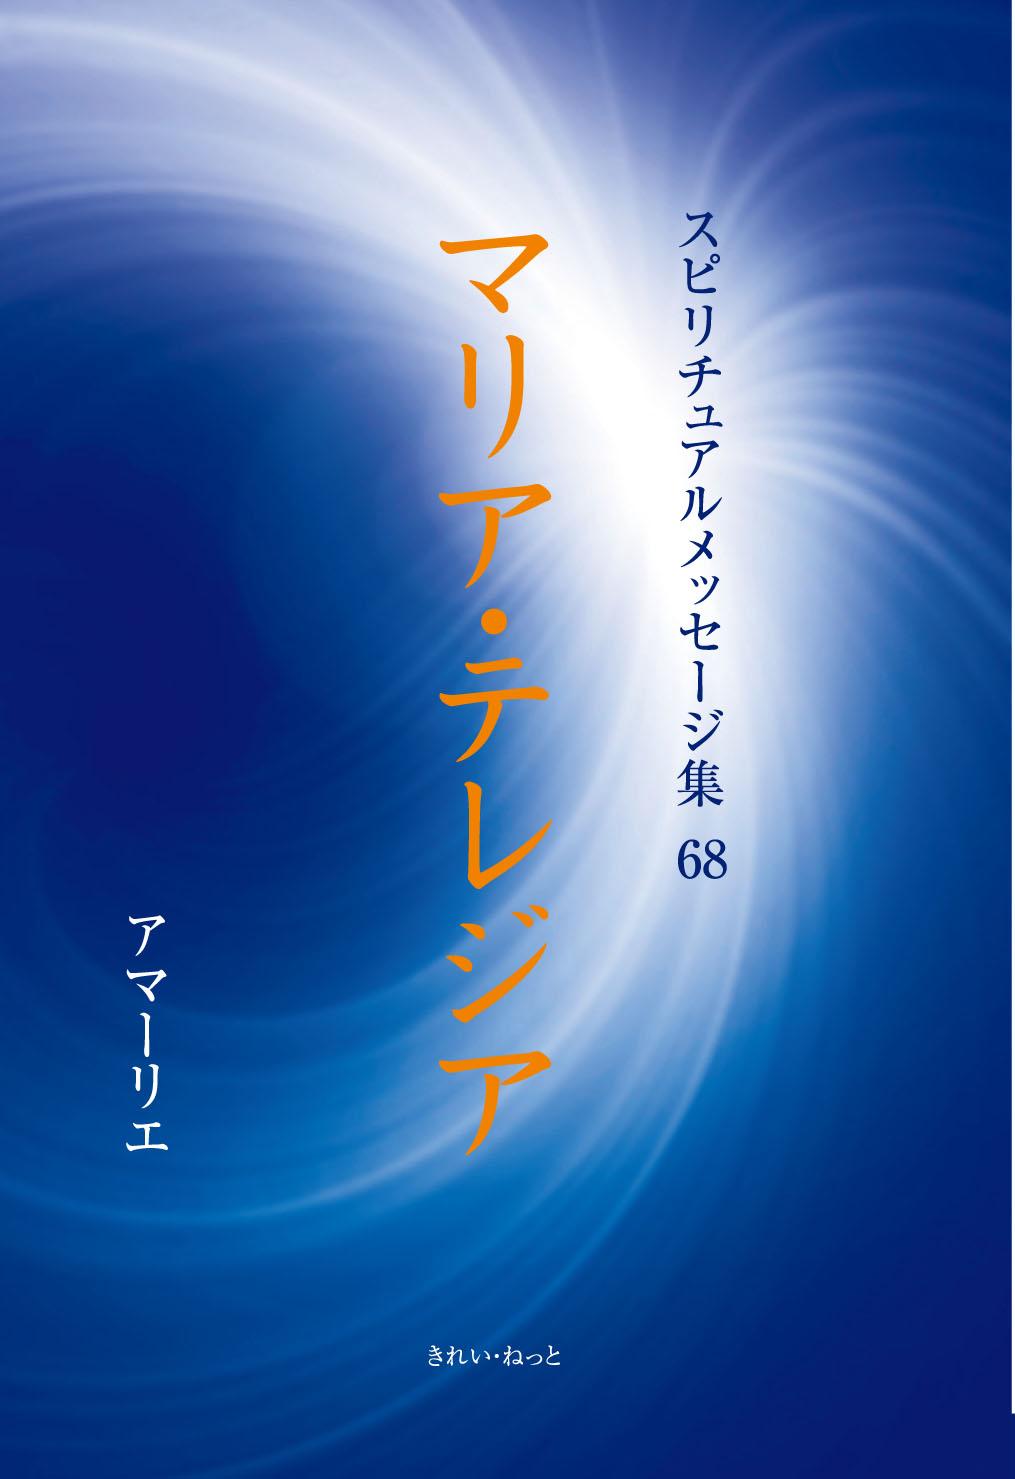 画像1: スピリチュアルメッセージ集68 マリア・テレジア (1)